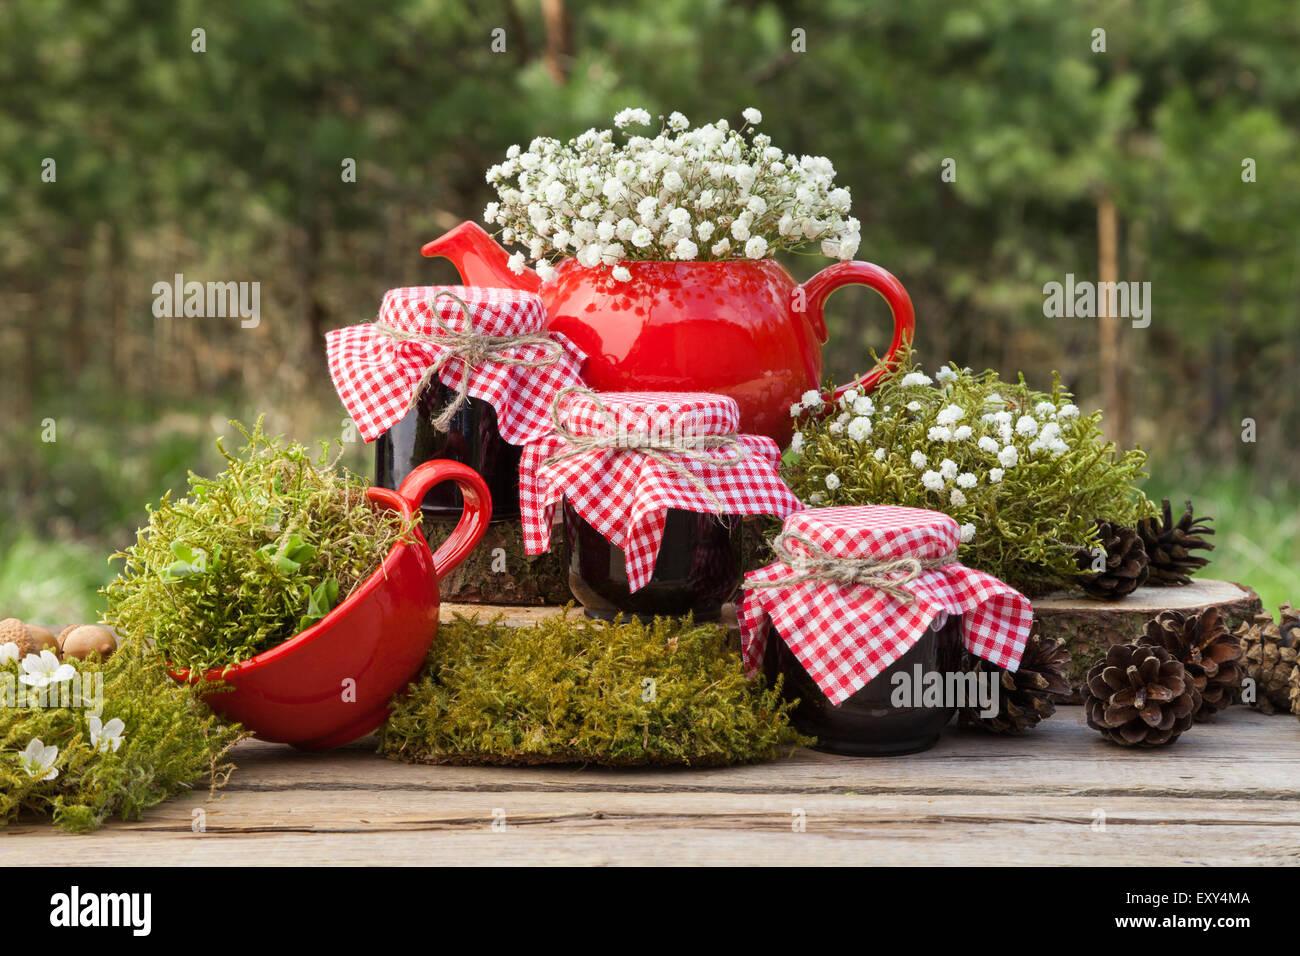 Rote teekanne teetasse und drei gl sern gesunde marmelade wald im hintergrund - Marmelade einkochen glaser ...